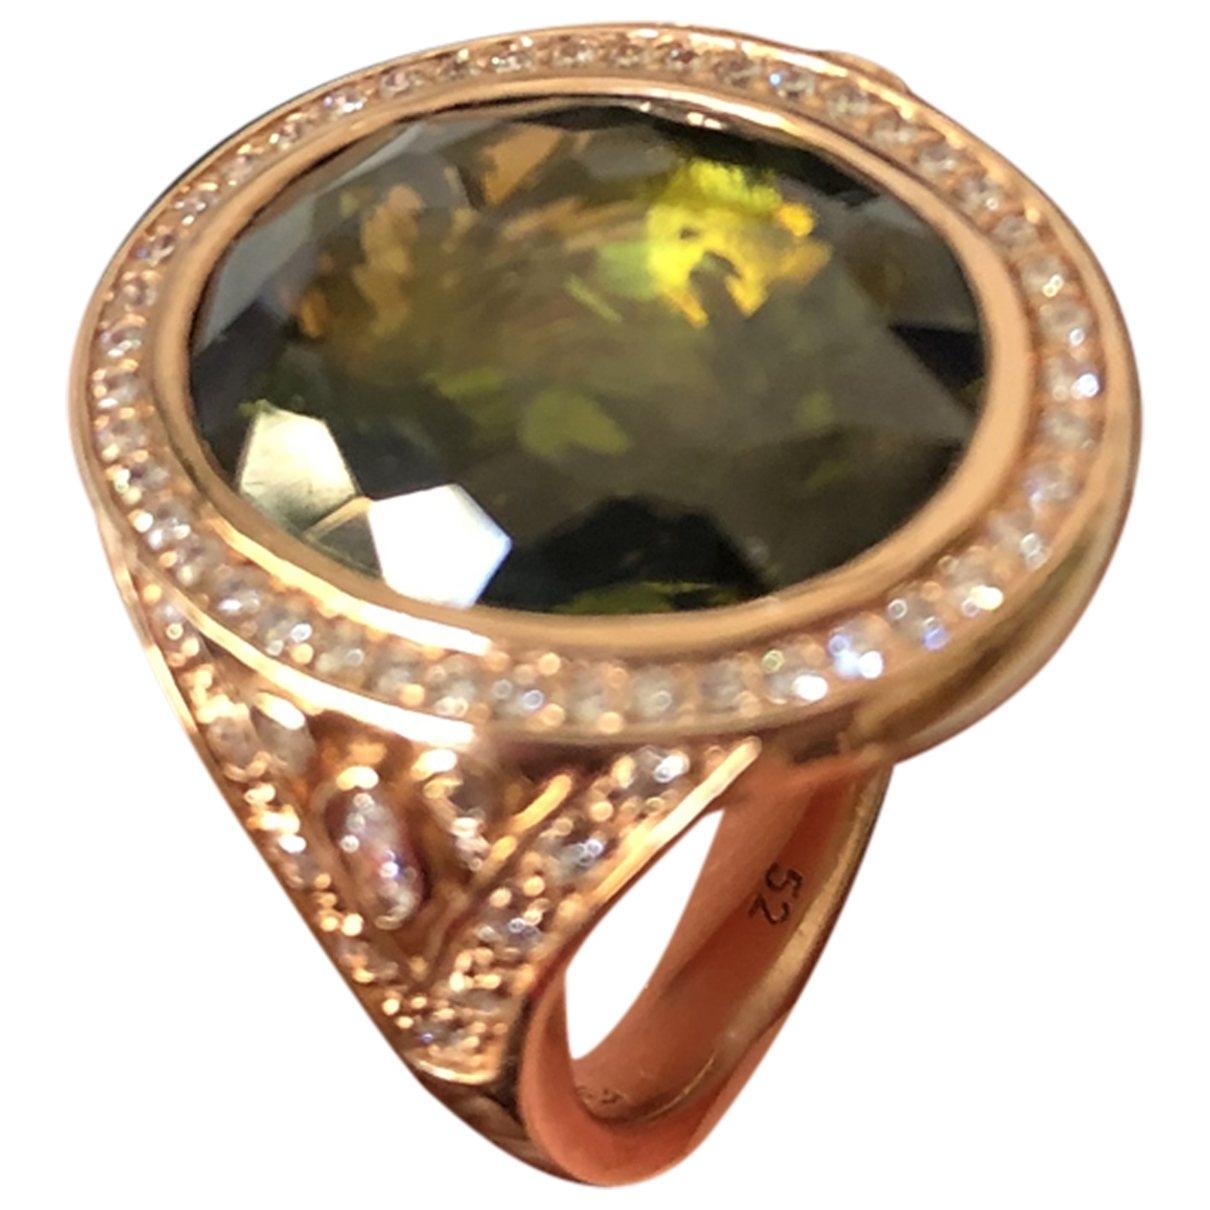 Thomas Sabo \N Ring in  Gruen Silber